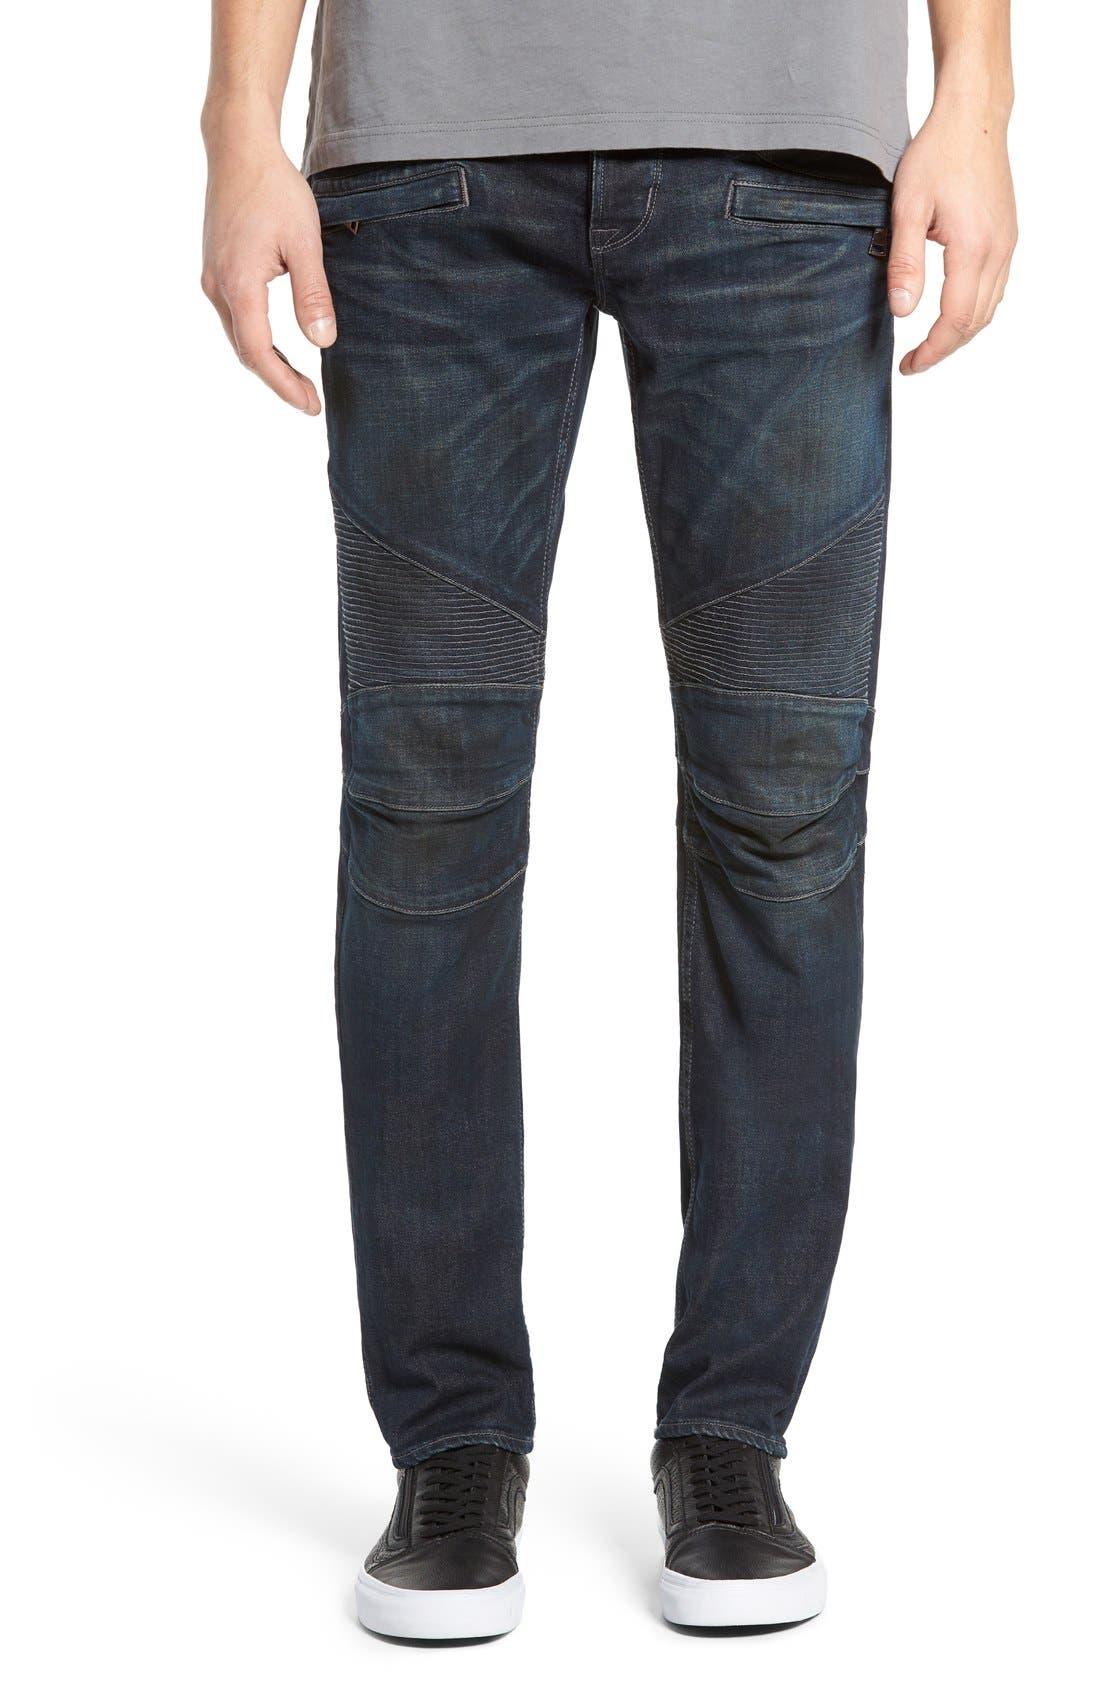 HUDSON JEANS 'Blinder' Skinny Fit Moto Jeans